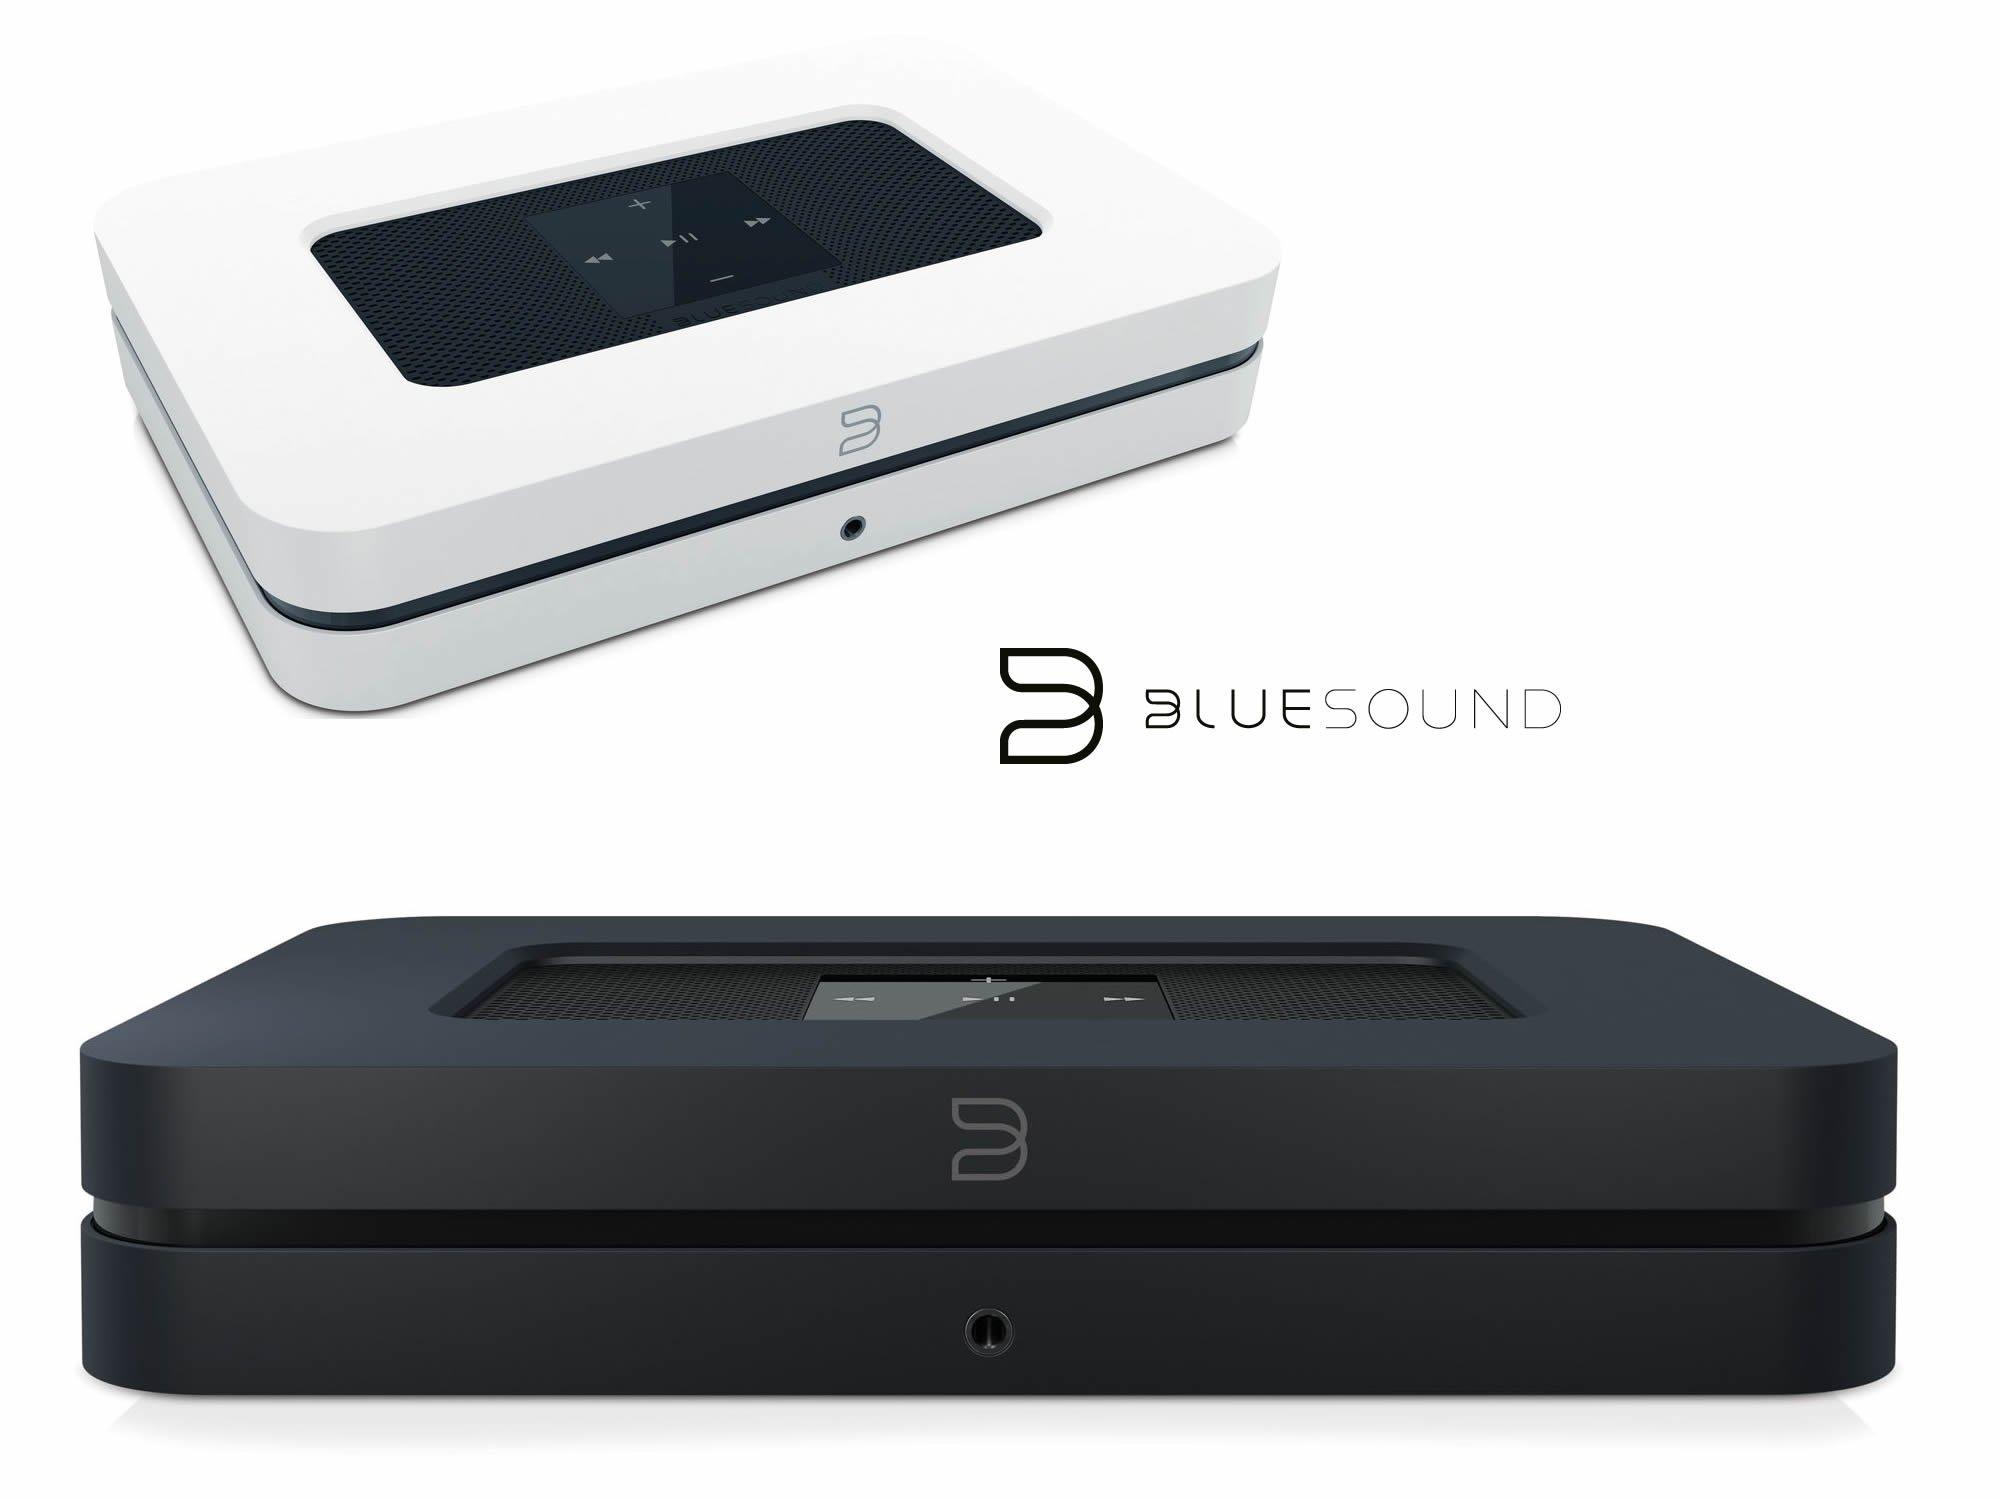 Den Bluesound Node 2 Streaming Client kauft man beim AkustikTUne Hifi Fachhandel